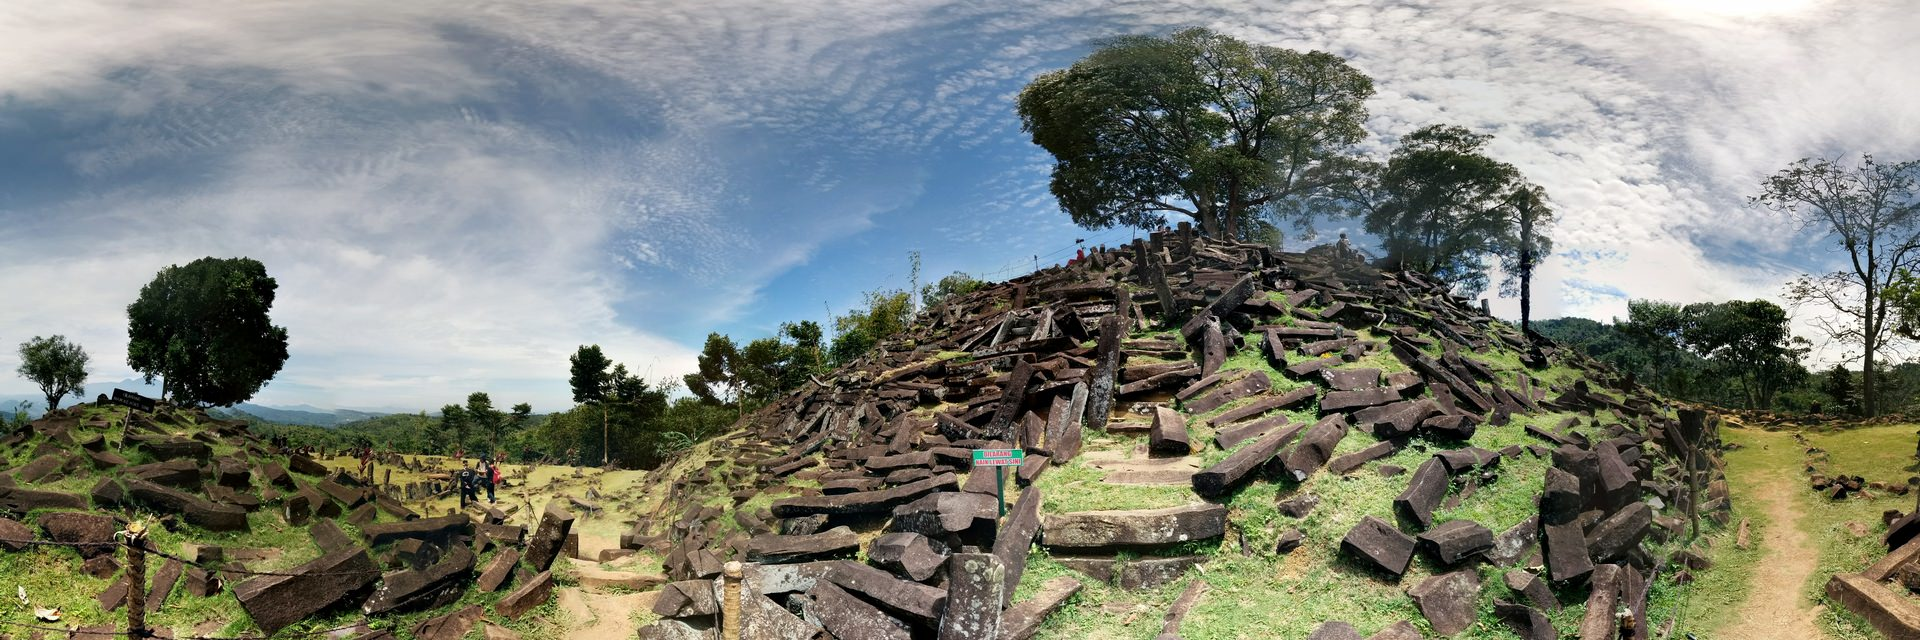 Gunung Padang yang Penuh Misteri Tak Terjawab Gunung Padang yang Penuh Misteri Tak Terjawab - Dolan Dolen